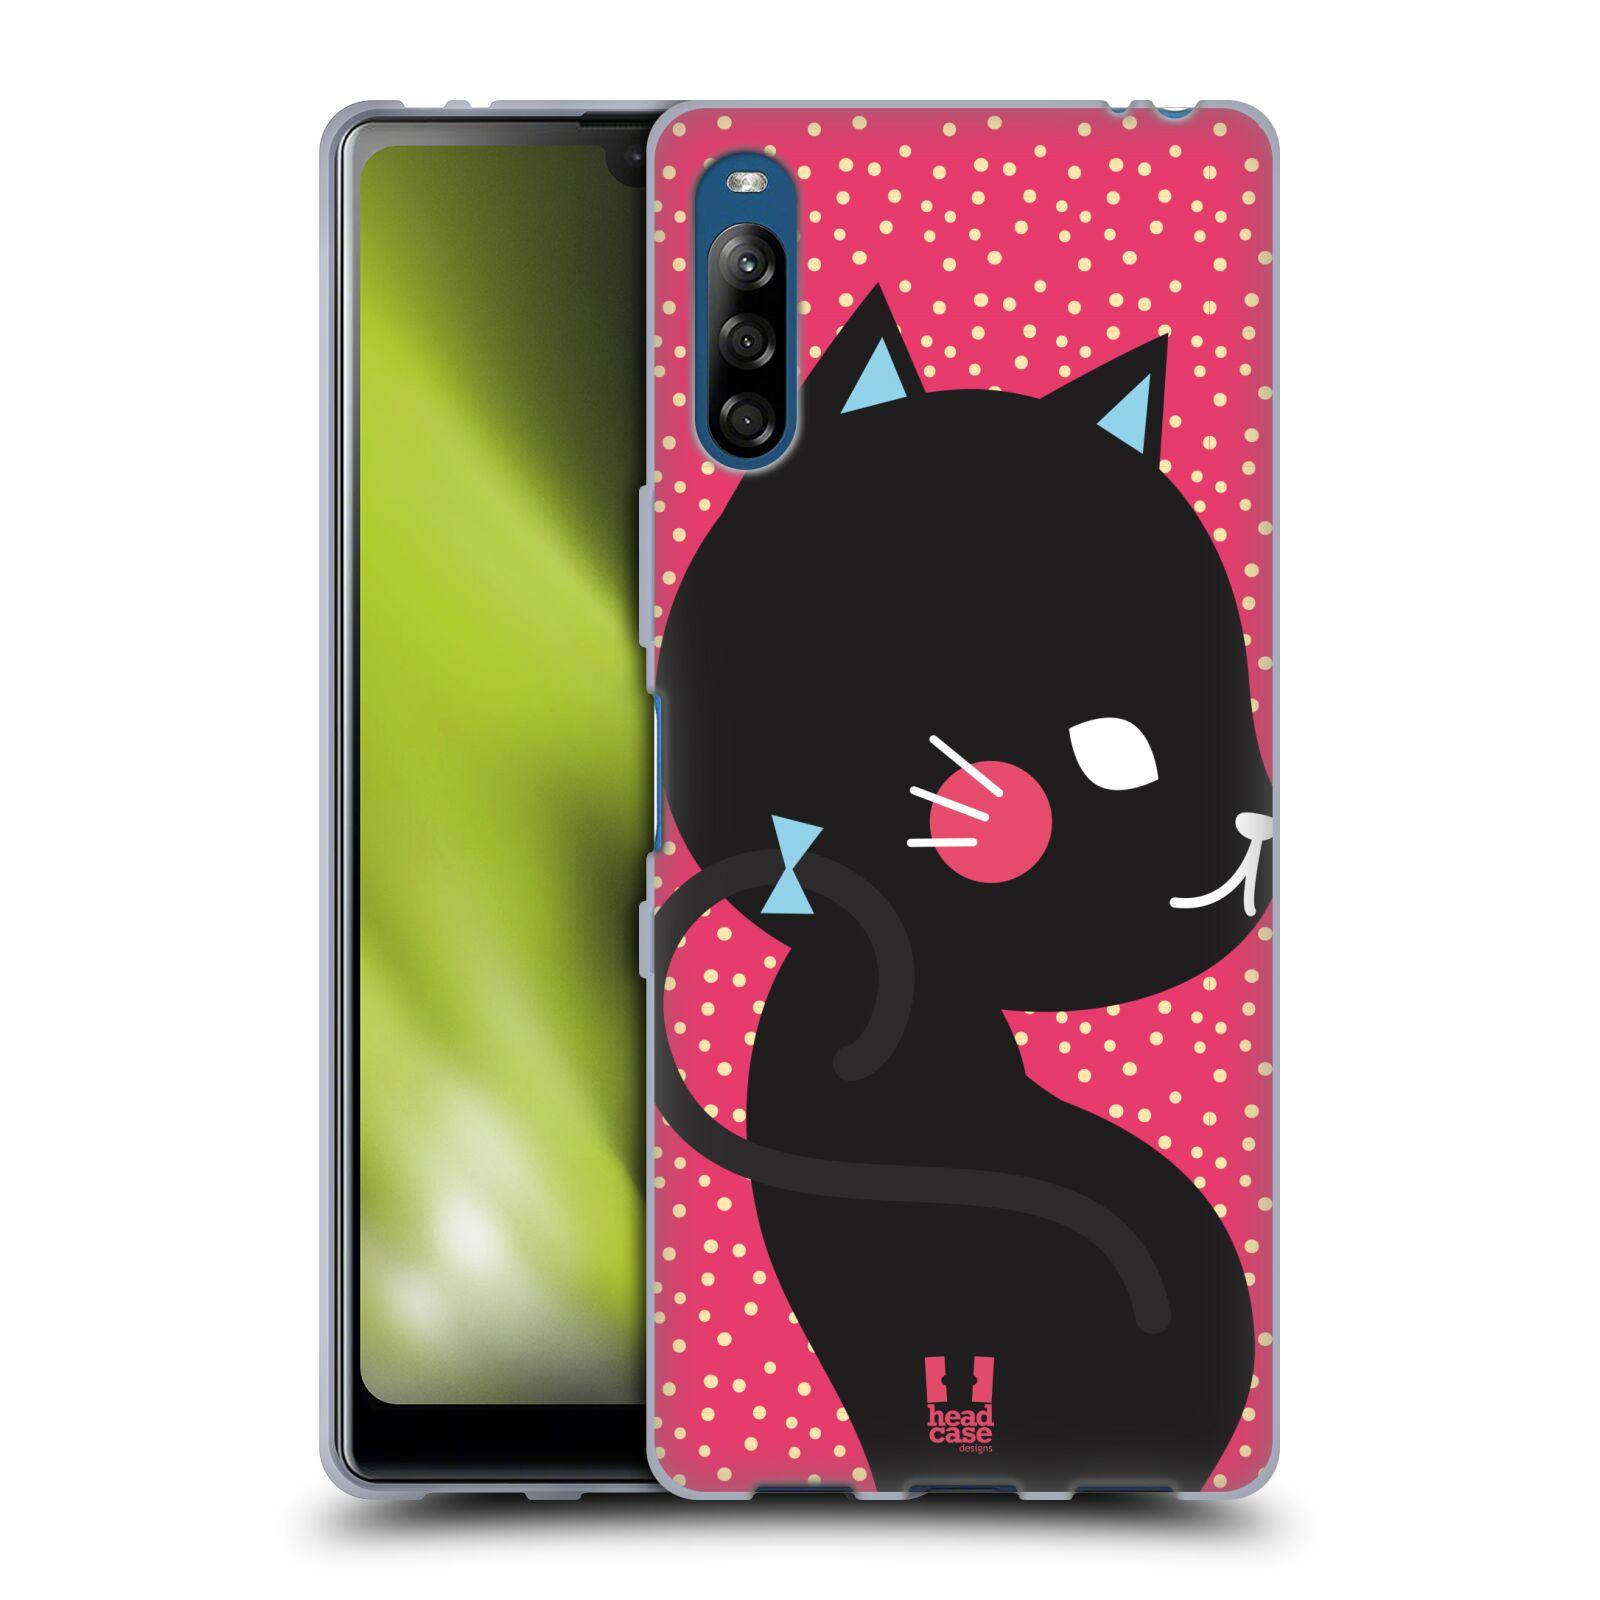 Silikonové pouzdro na mobil Sony Xperia L4 - Head Case - KOČIČKA Černá NA RŮŽOVÉ